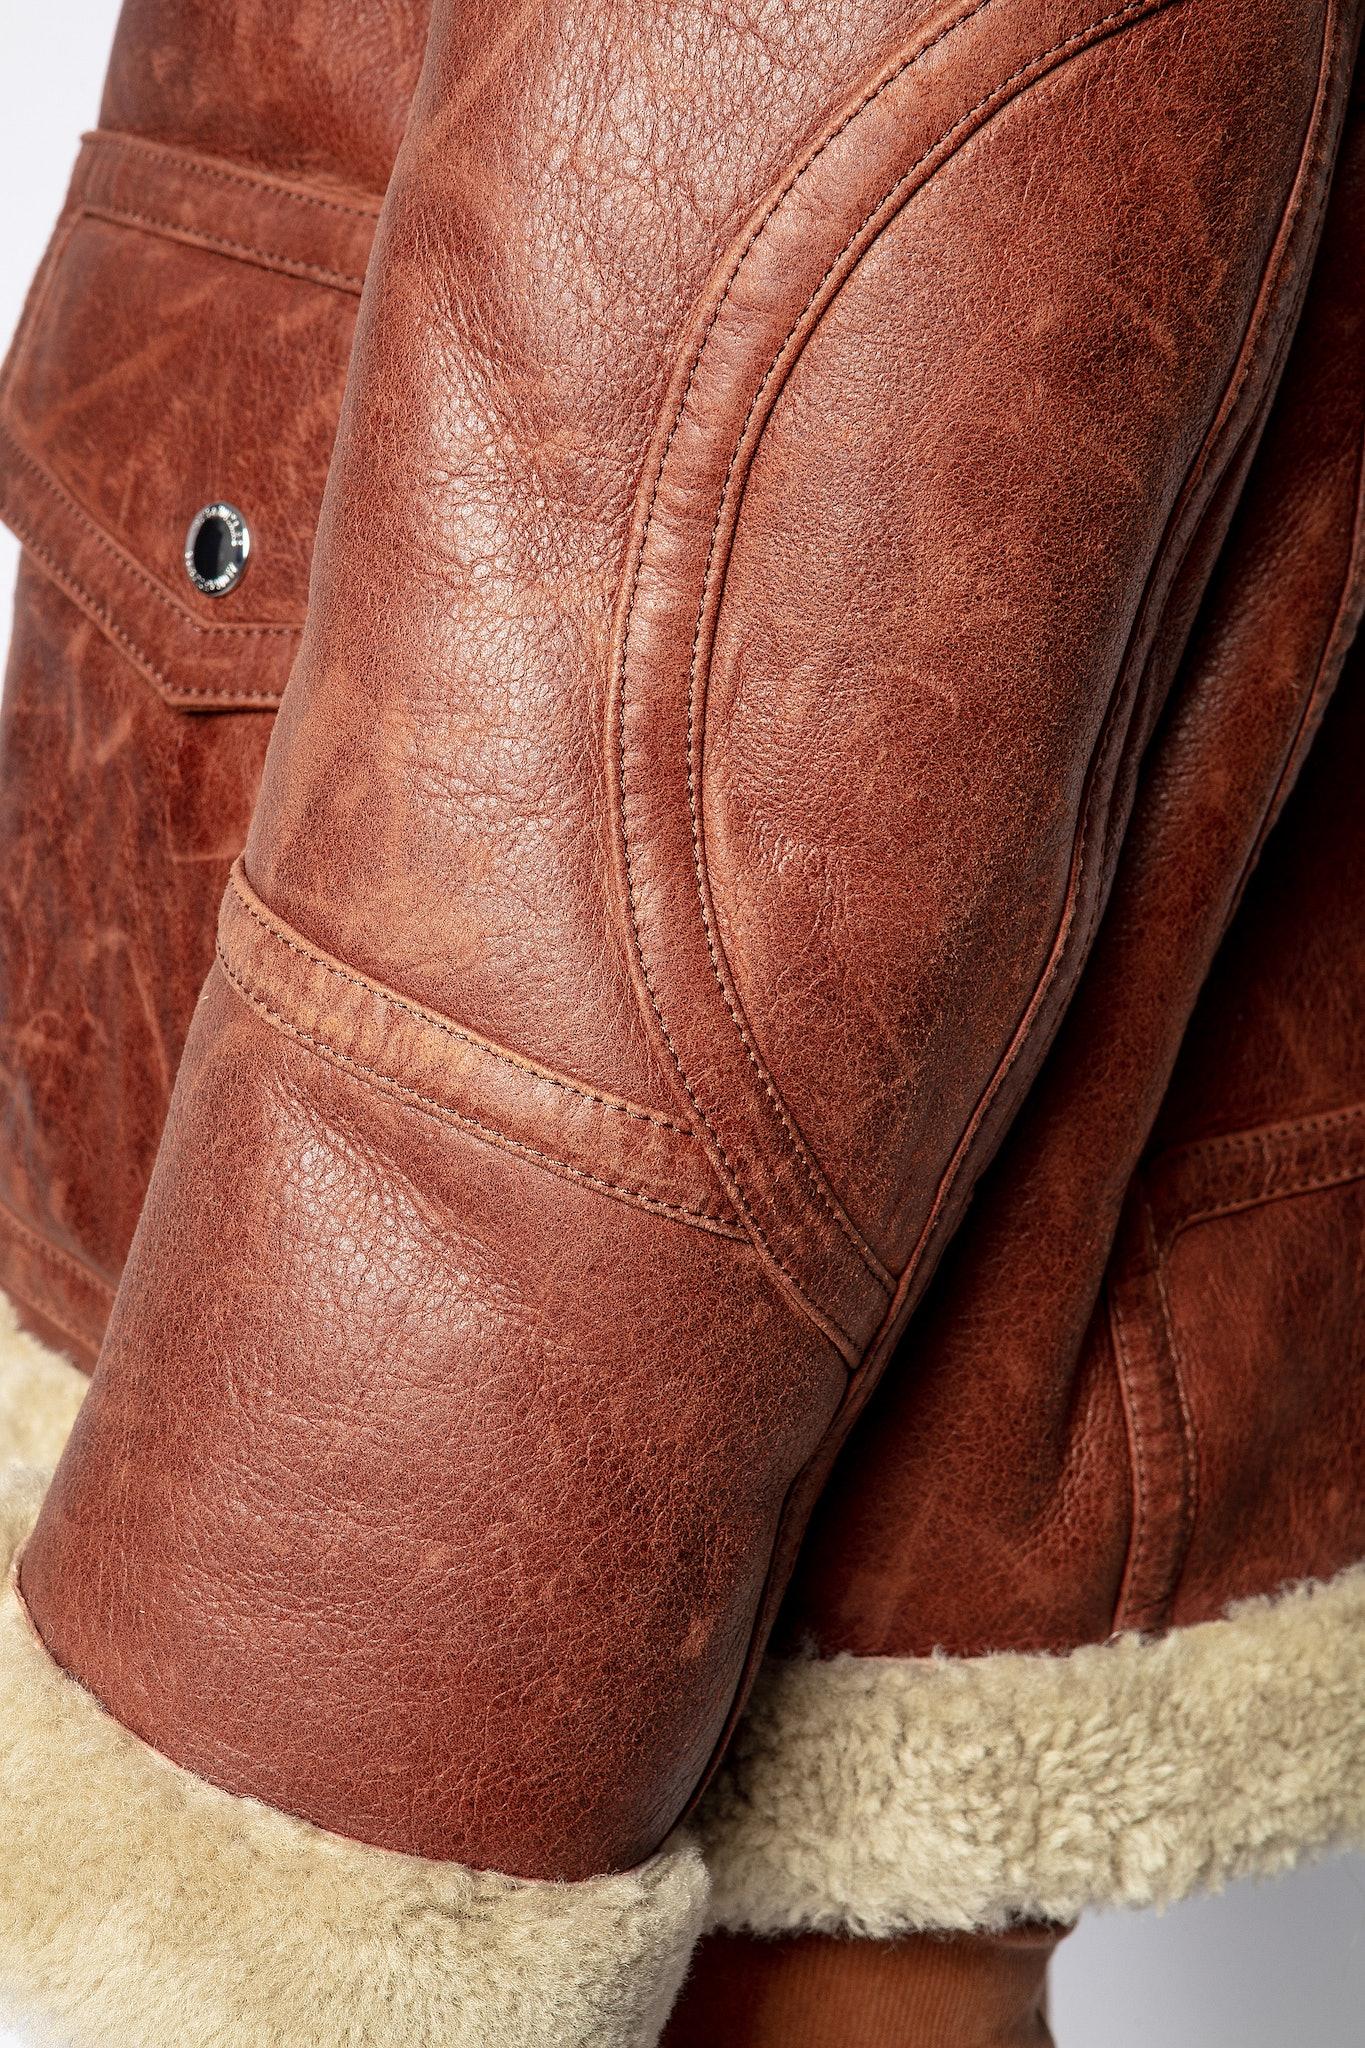 Kain Shearling Jacket